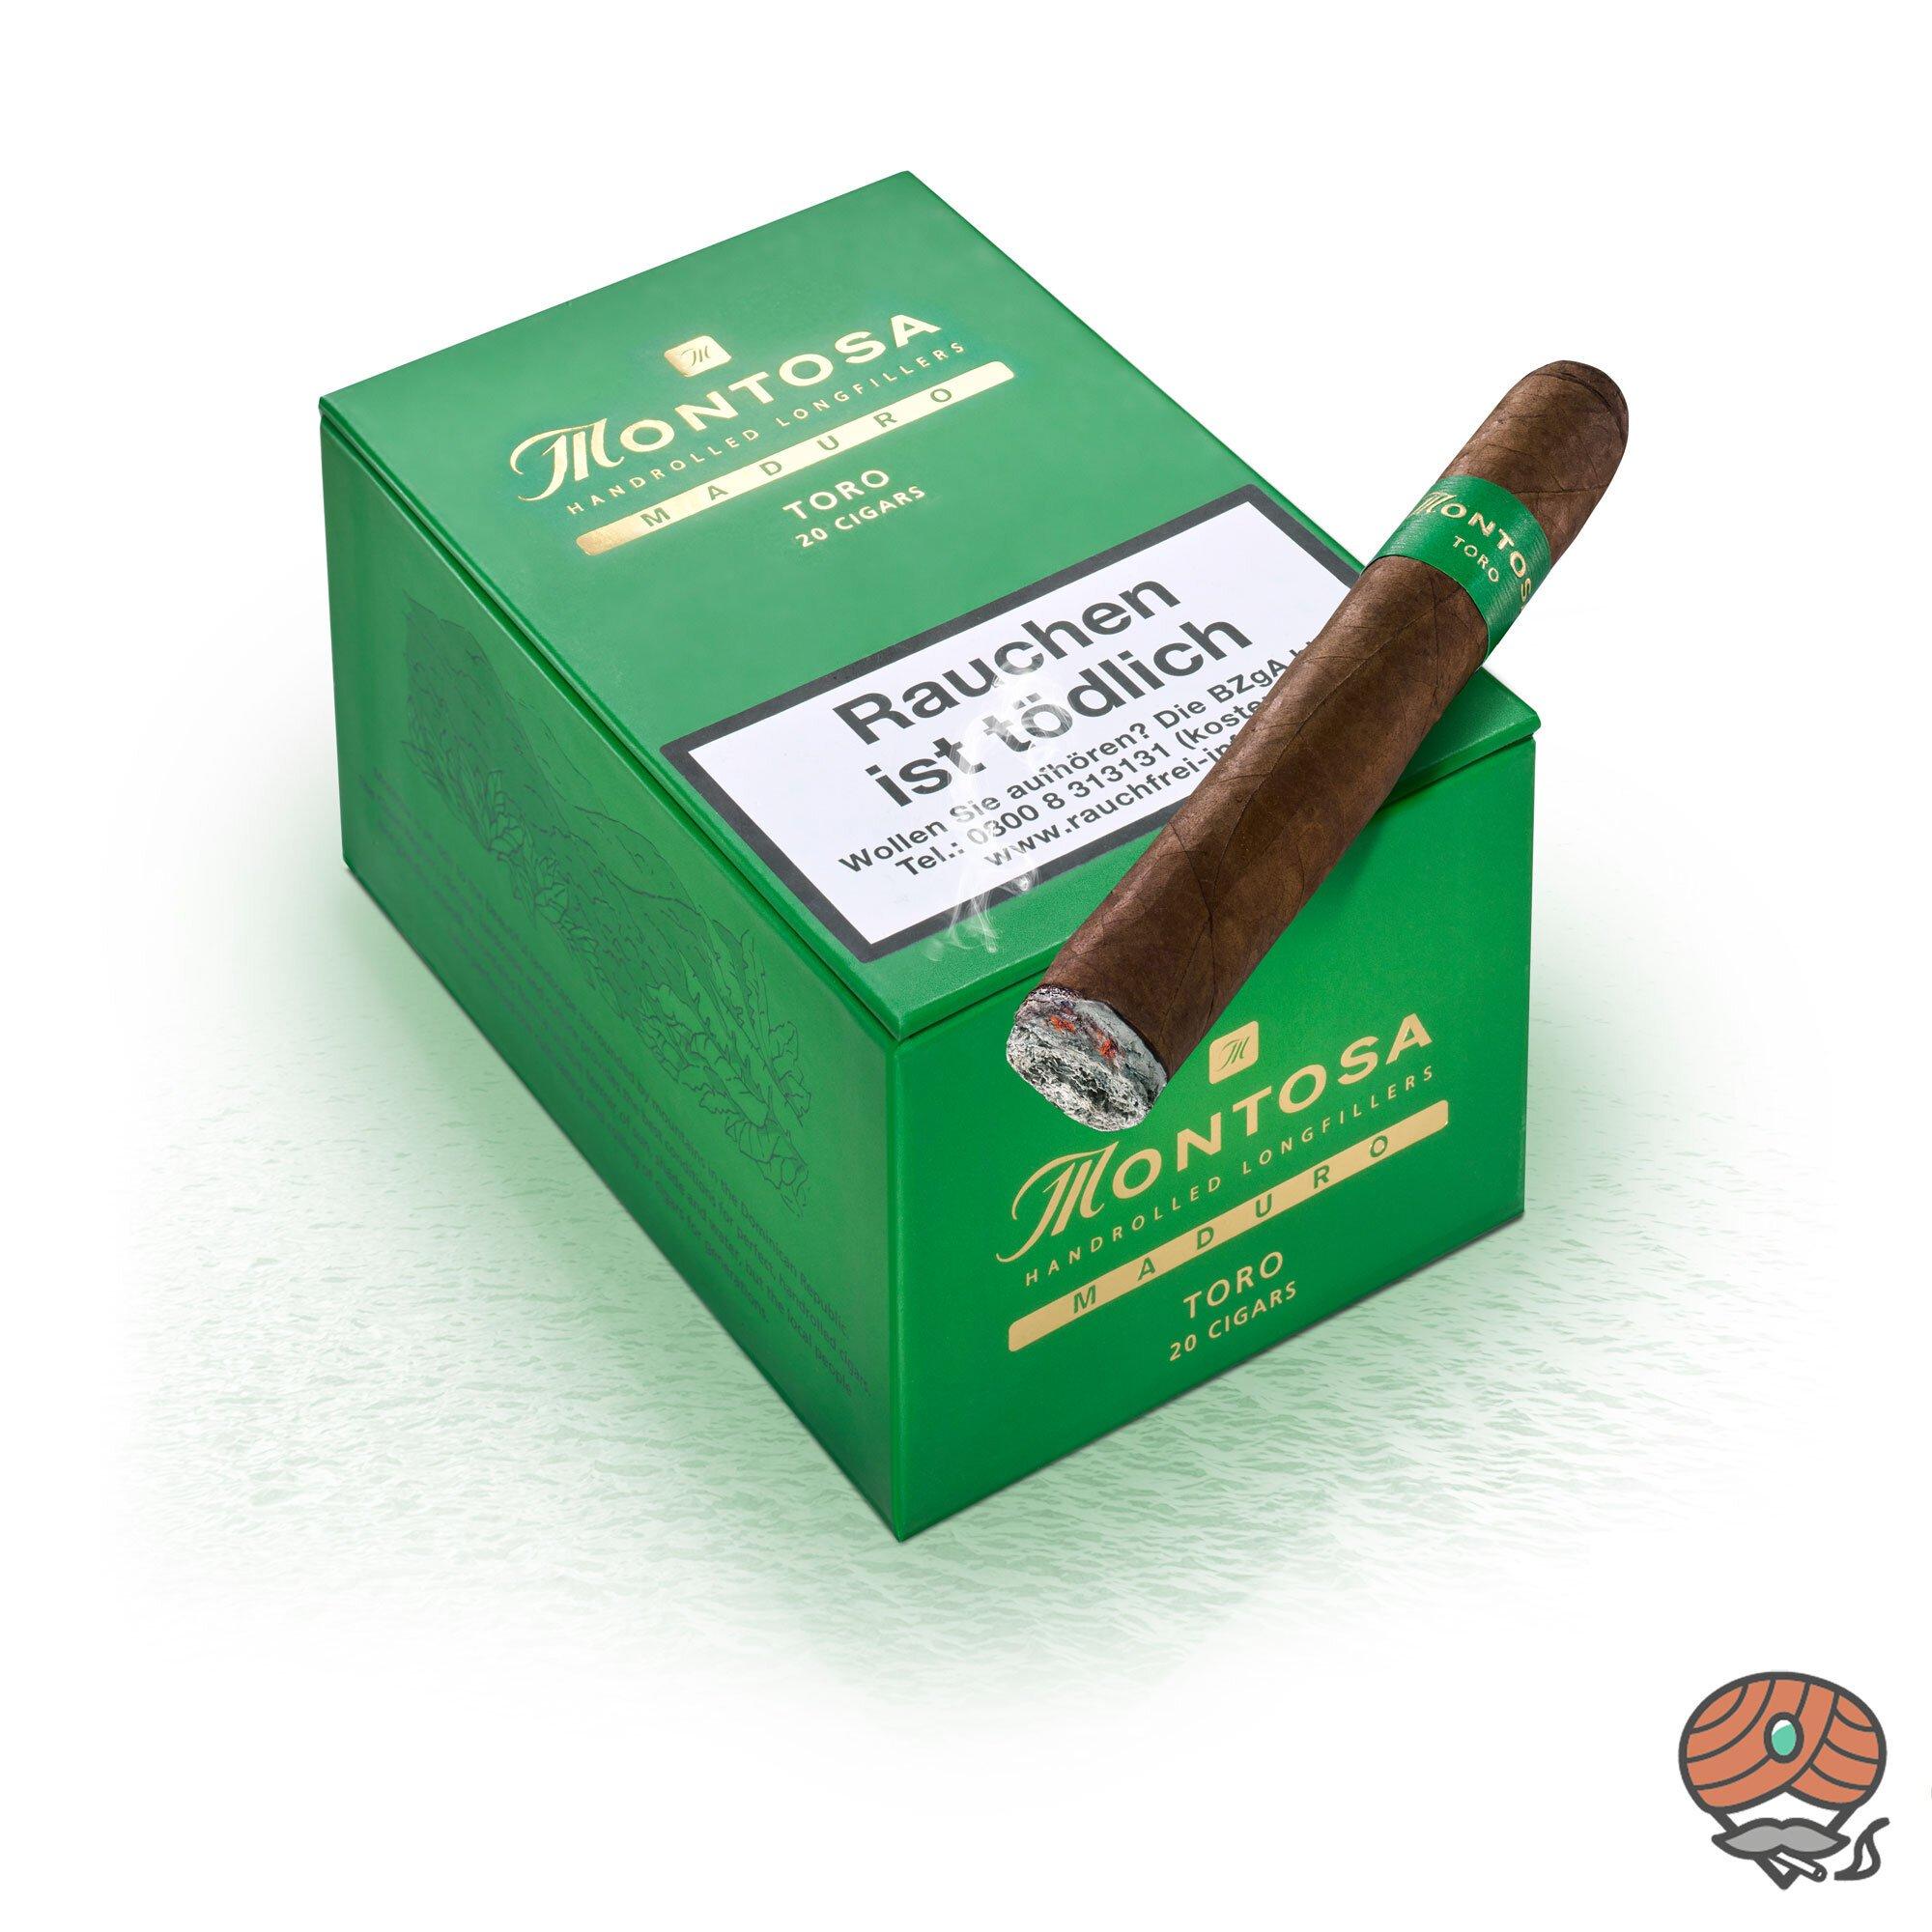 Montosa Maduro Toro Zigarren 20 Stück, Dominikanische Republik